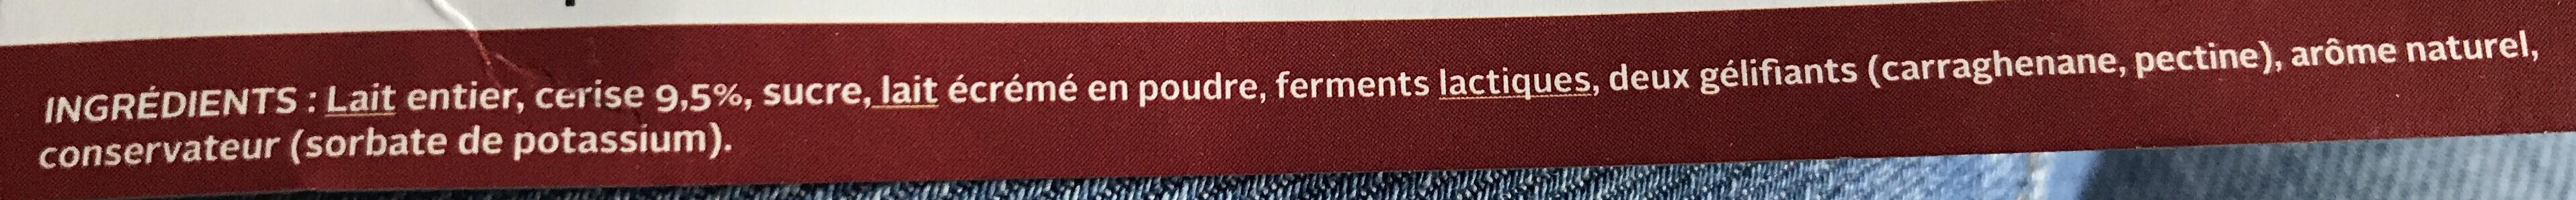 Yaourt Cerise - Ingrédients